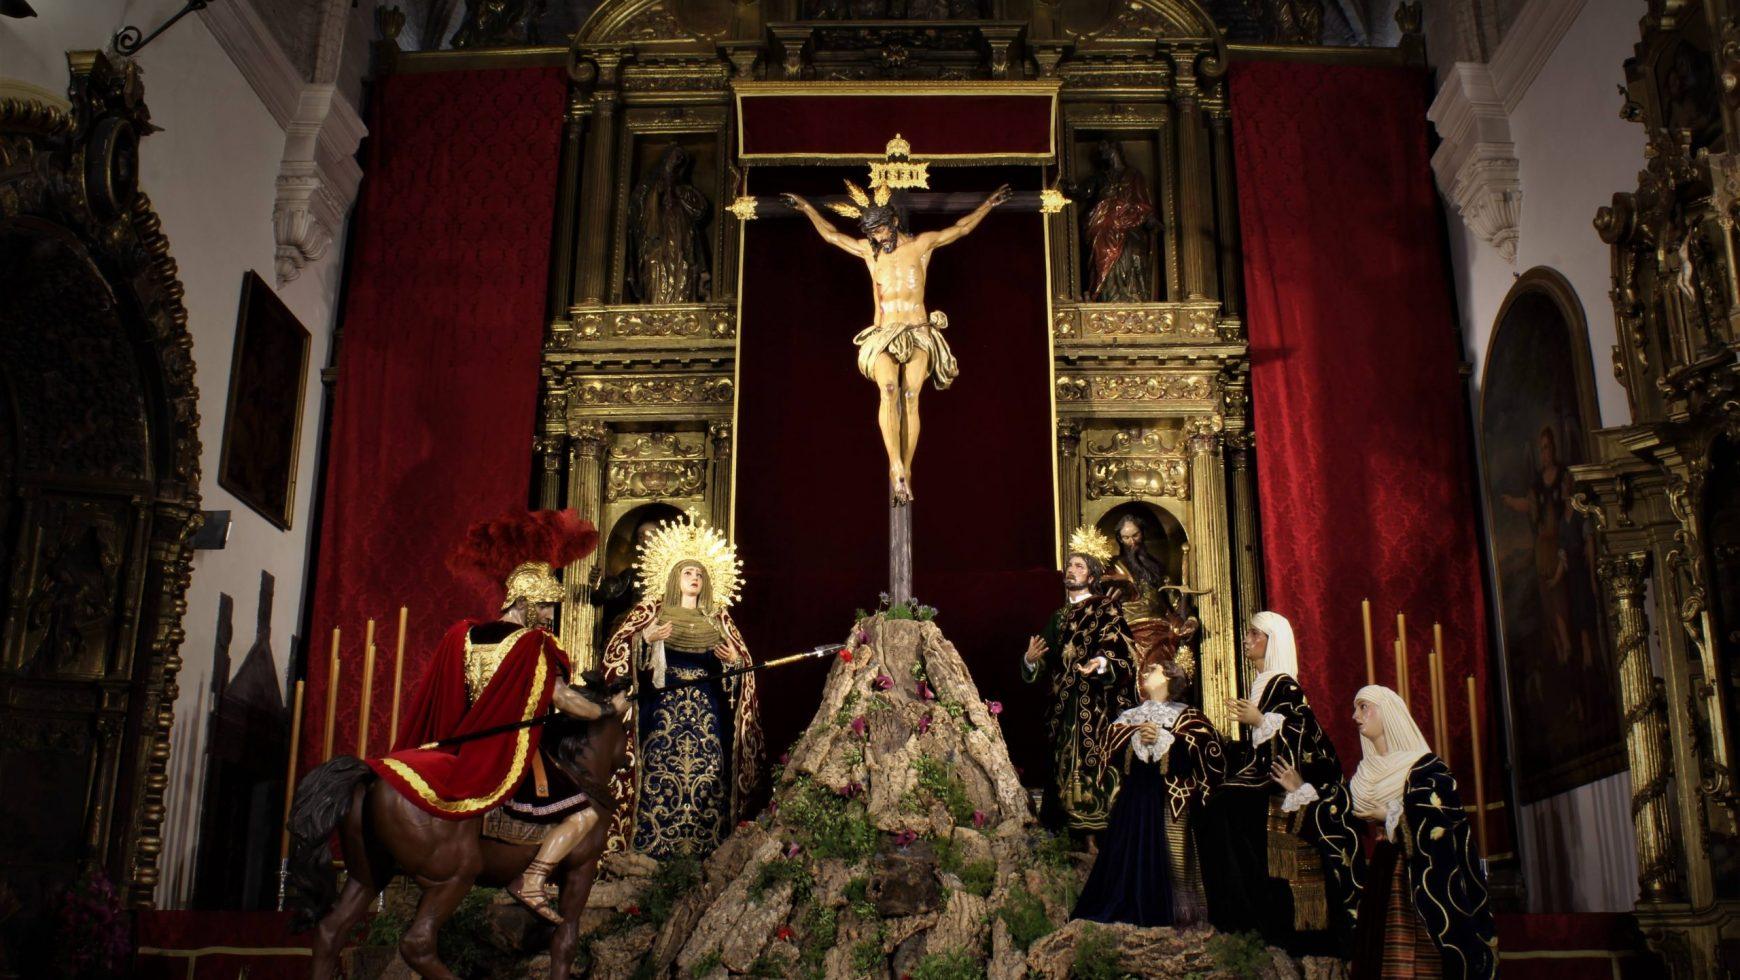 Horarios de apertura y cierre de San Martín en vísperas y Semana Santa